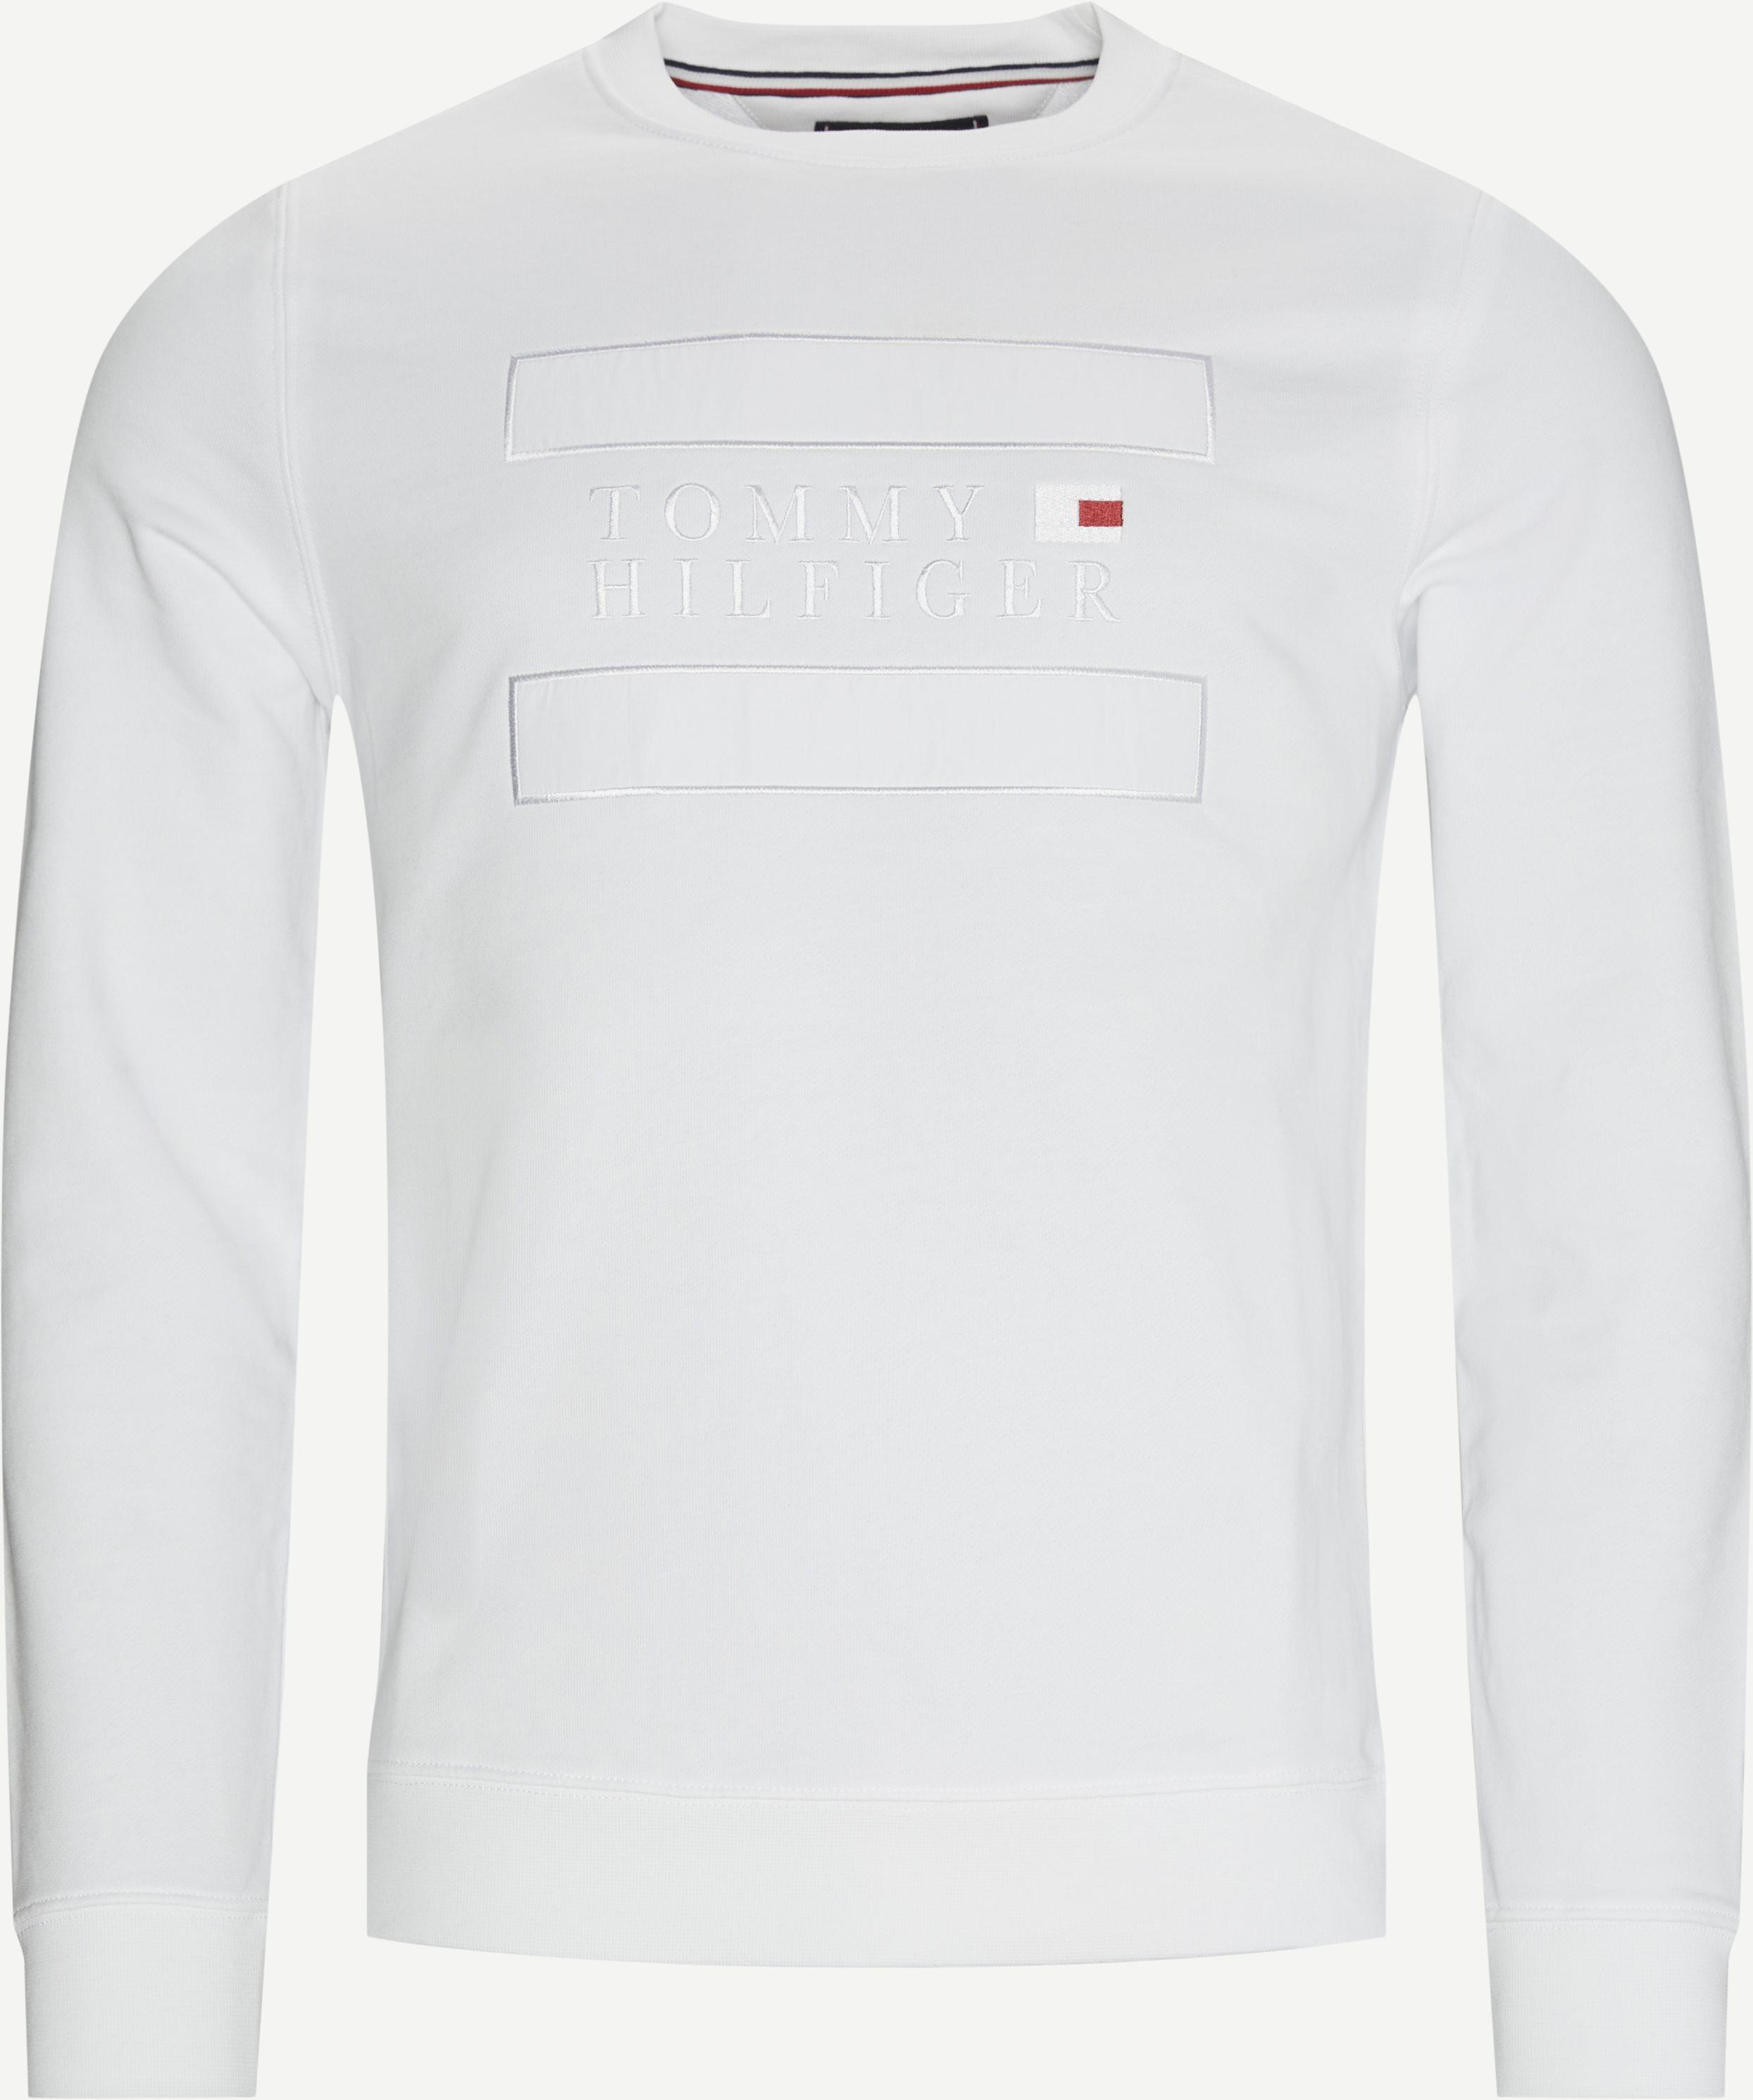 Sweatshirts - Weiß